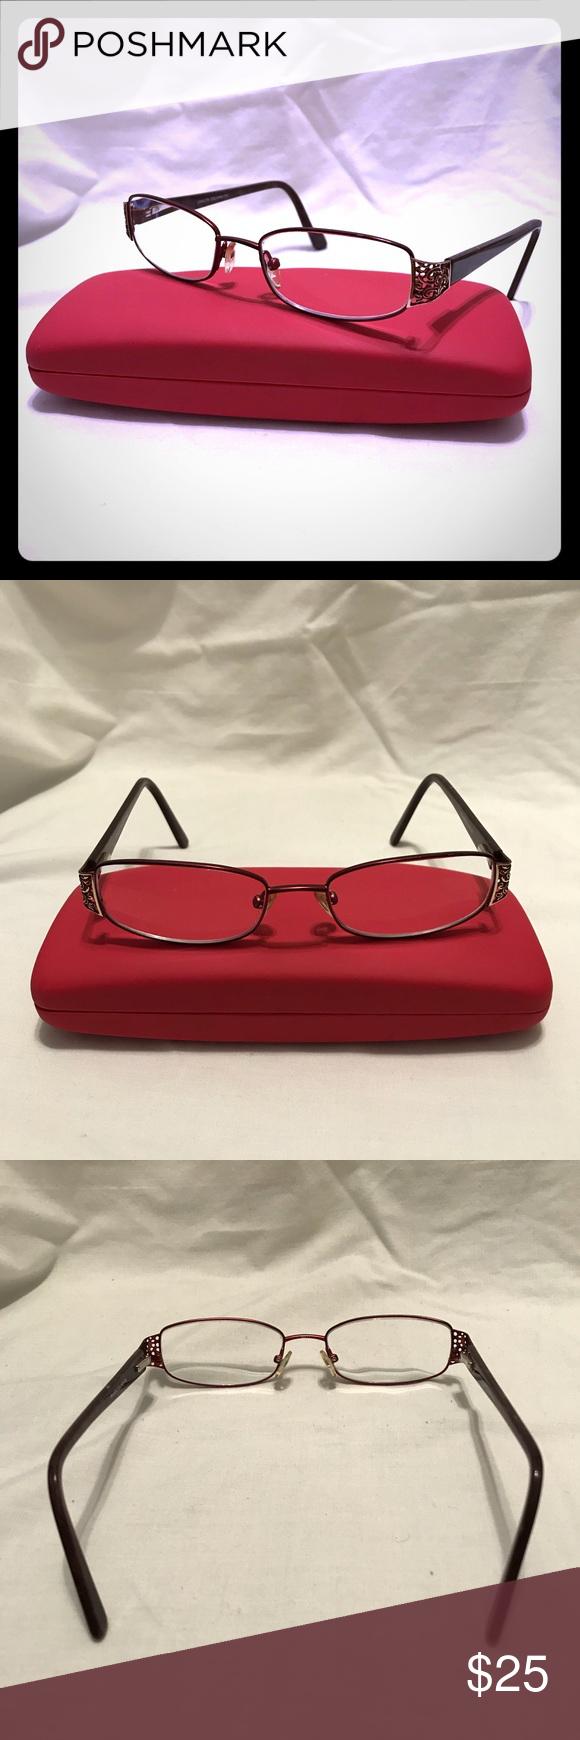 Silver Dollar Prescription Eyeglass Frames 135 in 2018 | My Posh ...